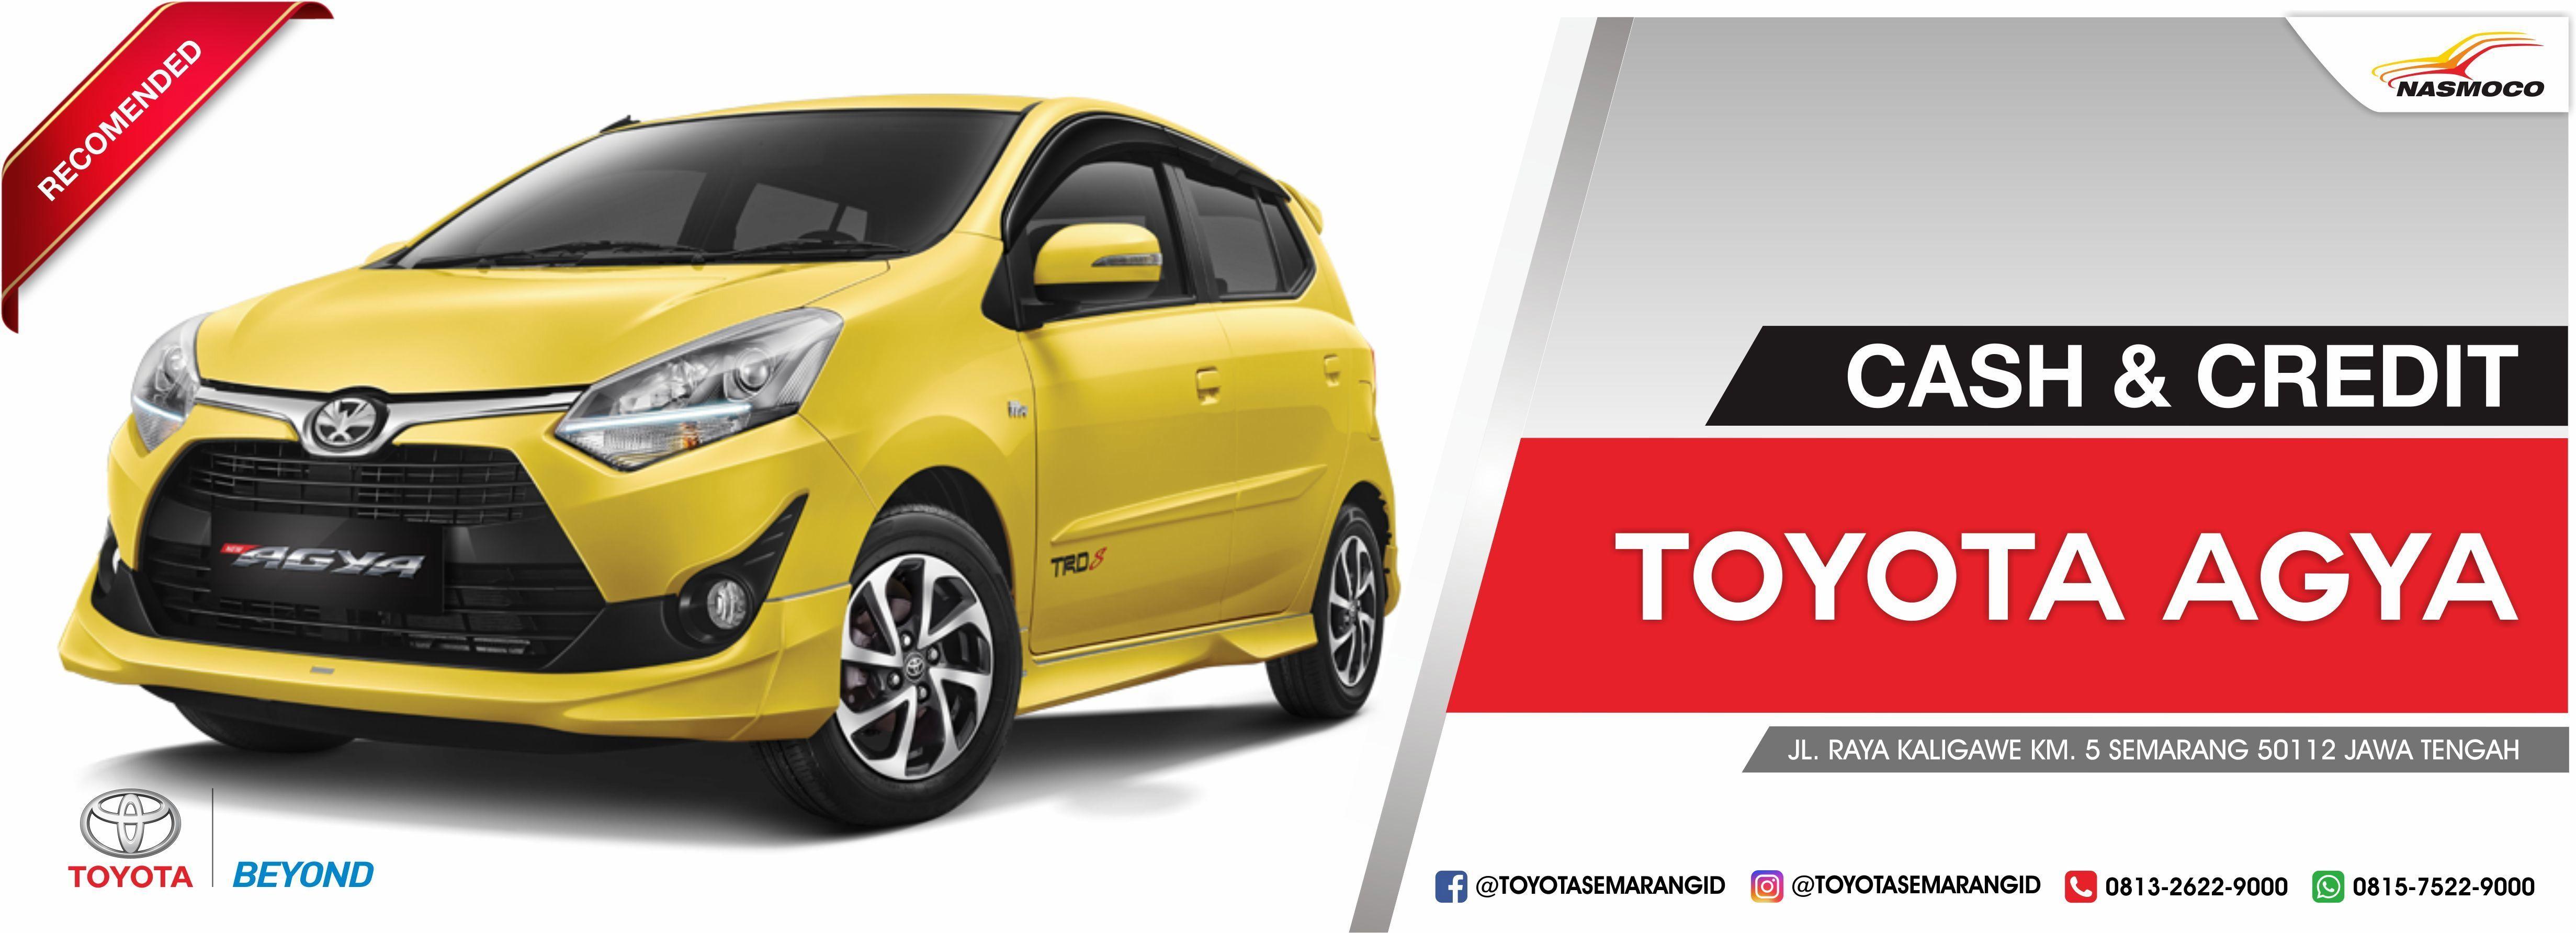 Kelebihan Kekurangan Harga Mobil Toyota Agya Tangguh